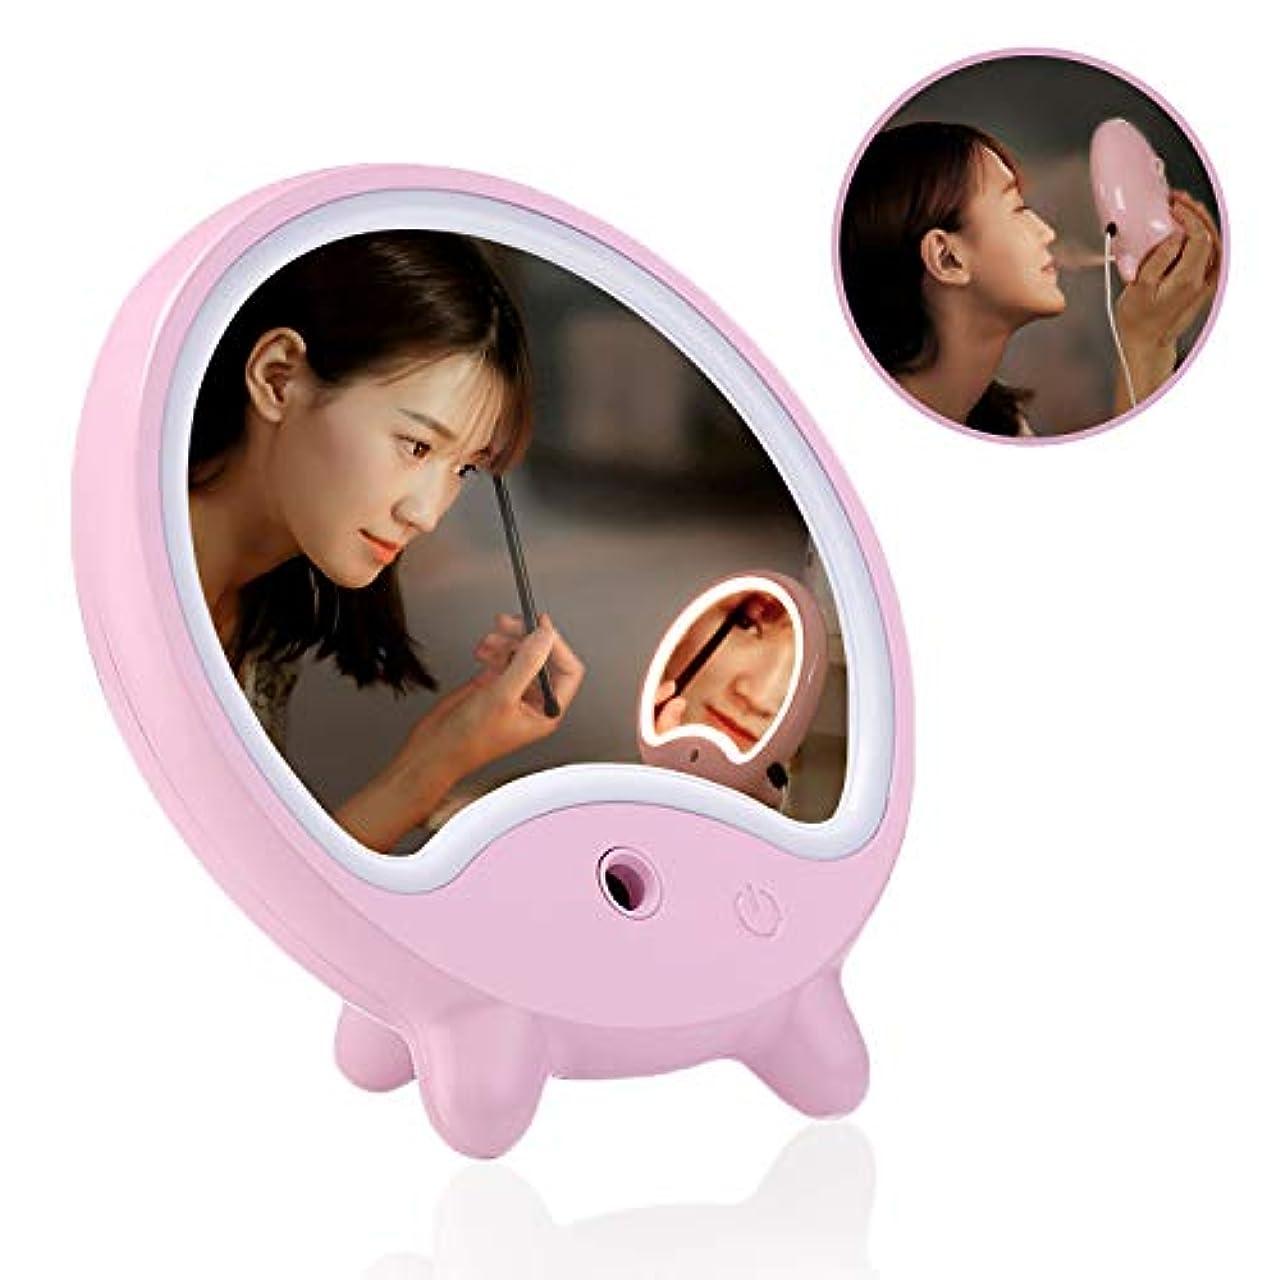 応答有名人マイルドsewobye化粧鏡 卓上ミラー 鏡 補水保湿鏡スタンド式ミラーLED USB充電にナノスプレーが付いているので、お肌に潤いを与えることができます (ピンク)